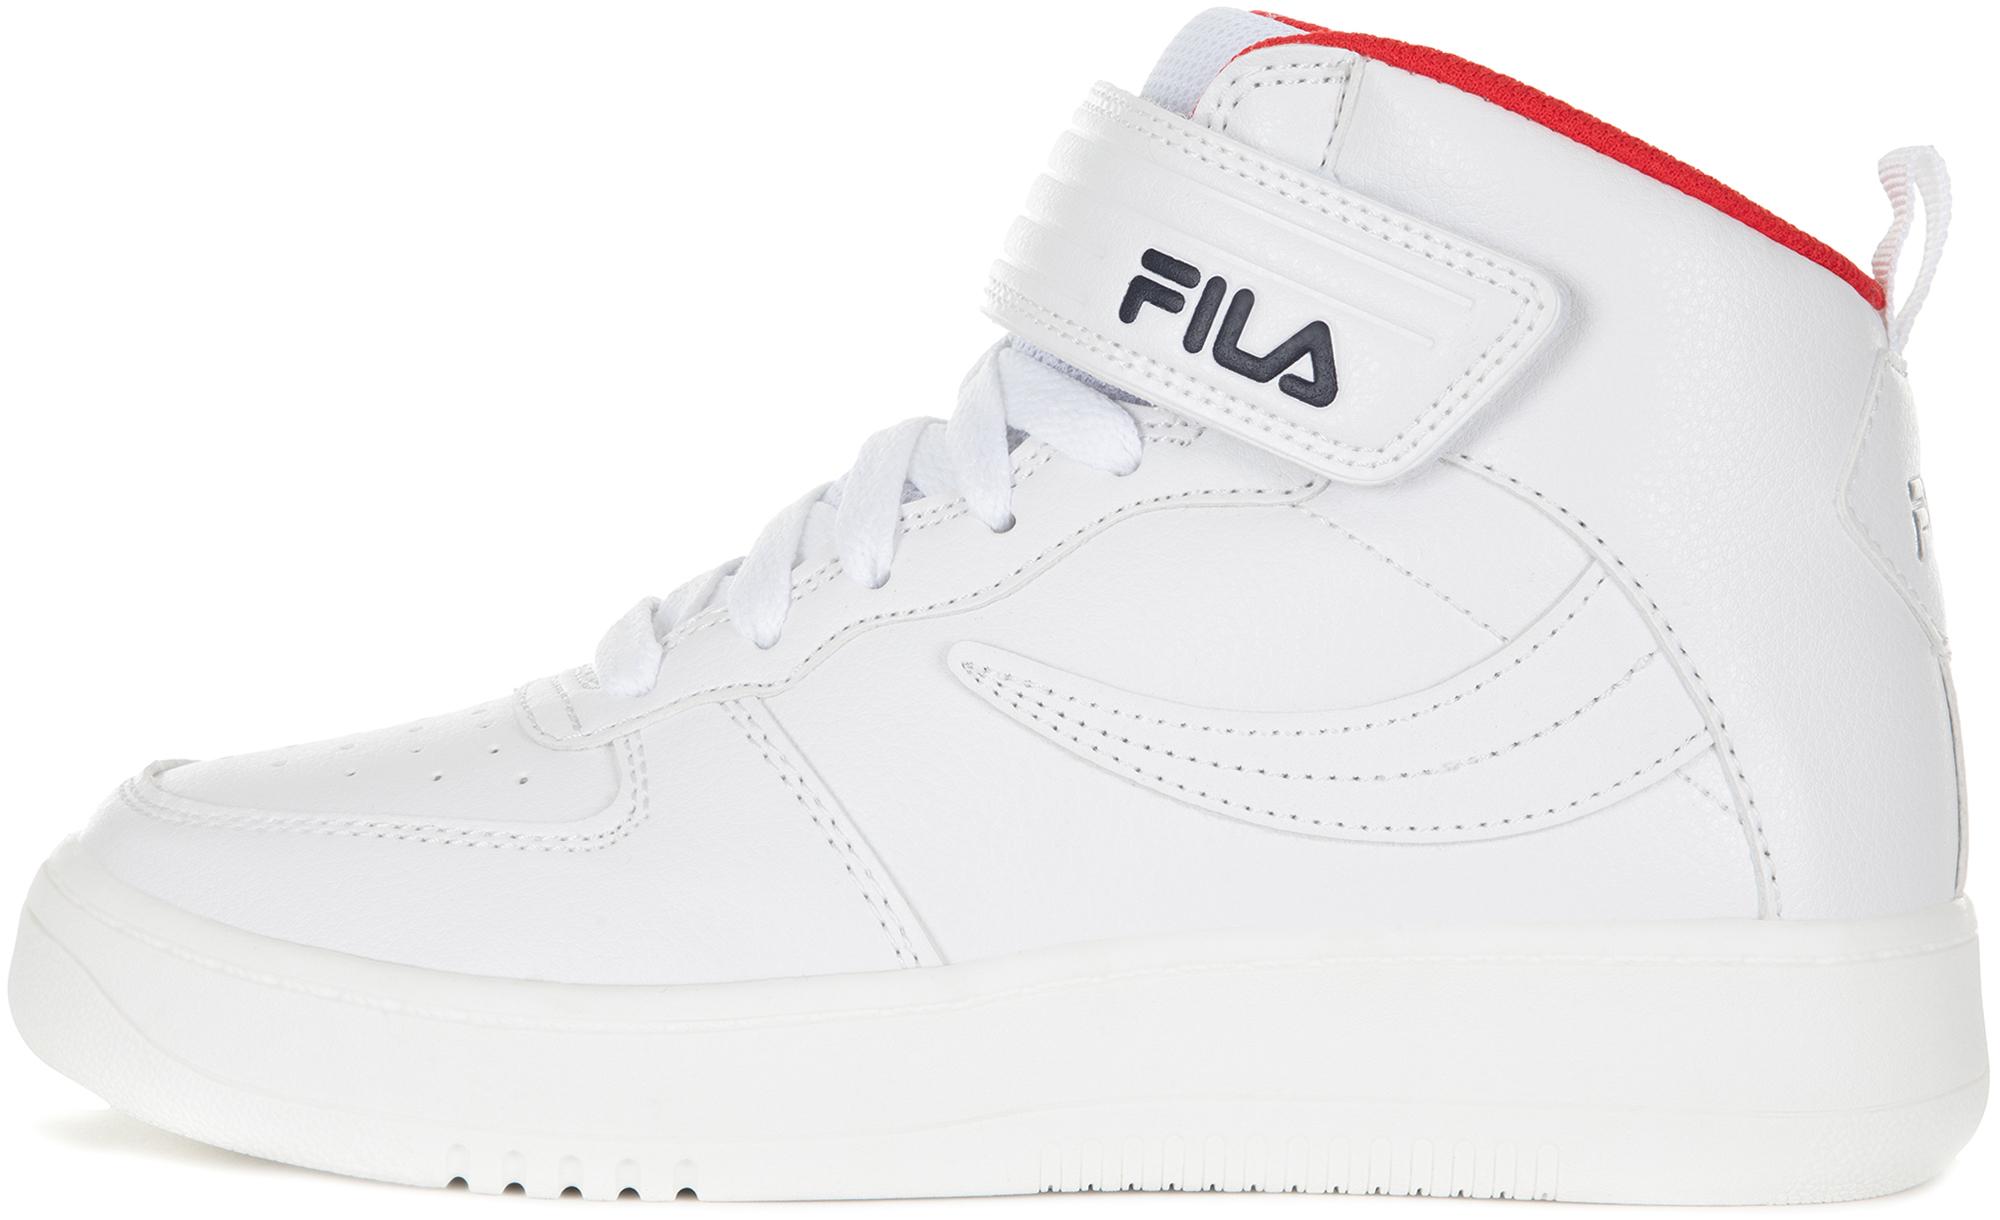 Fila Кеды для мальчиков Fila Fil High, размер 38